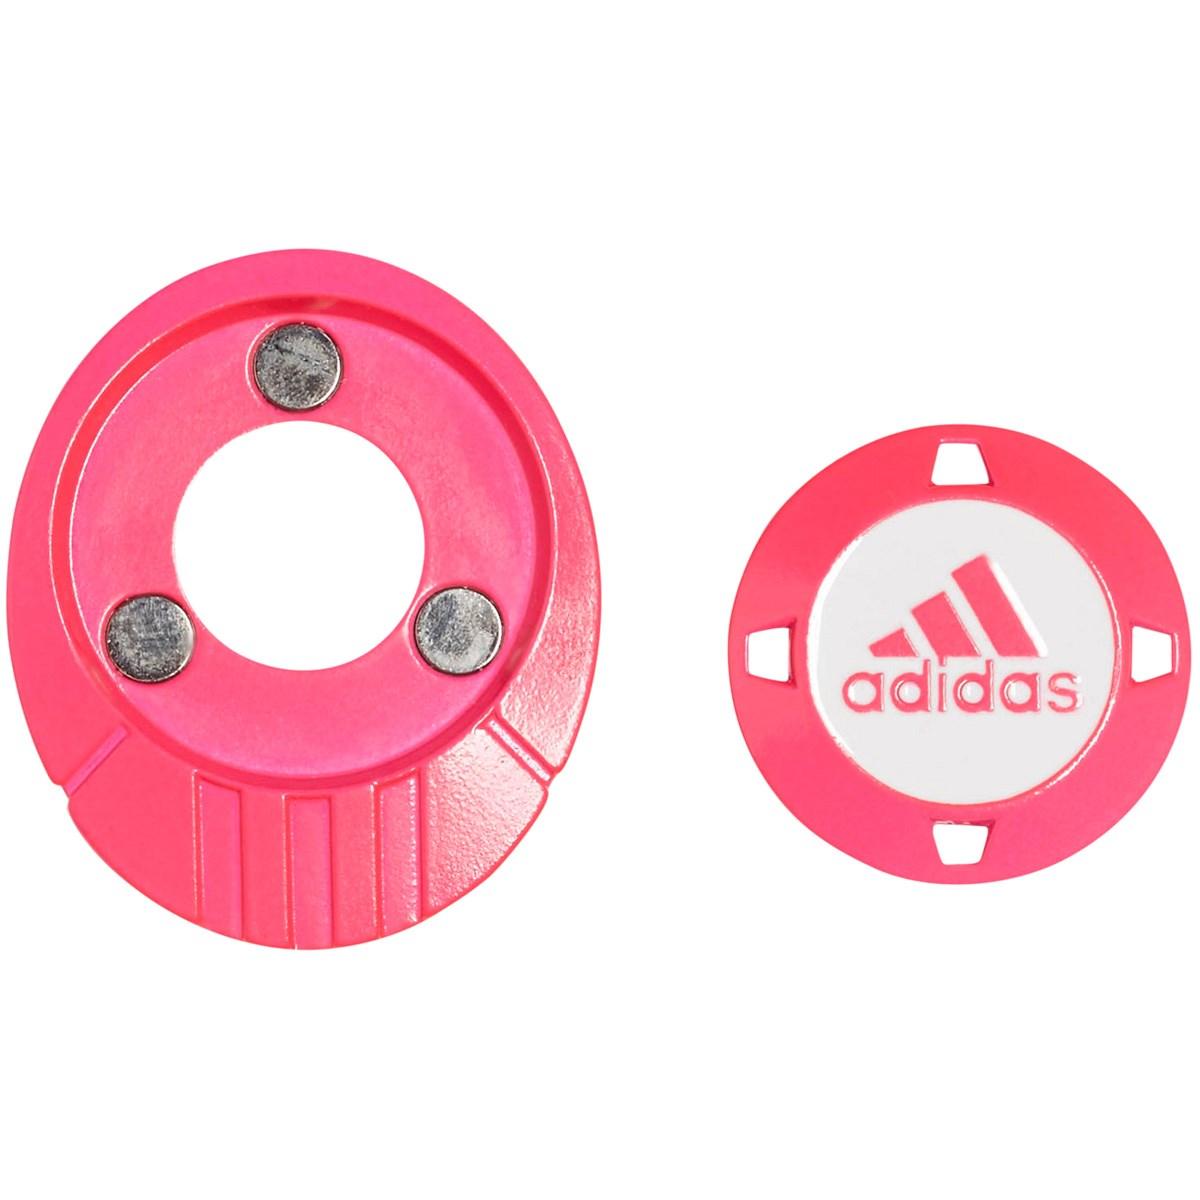 アディダス Adidas ネオンカラーツインマーカー ピンク